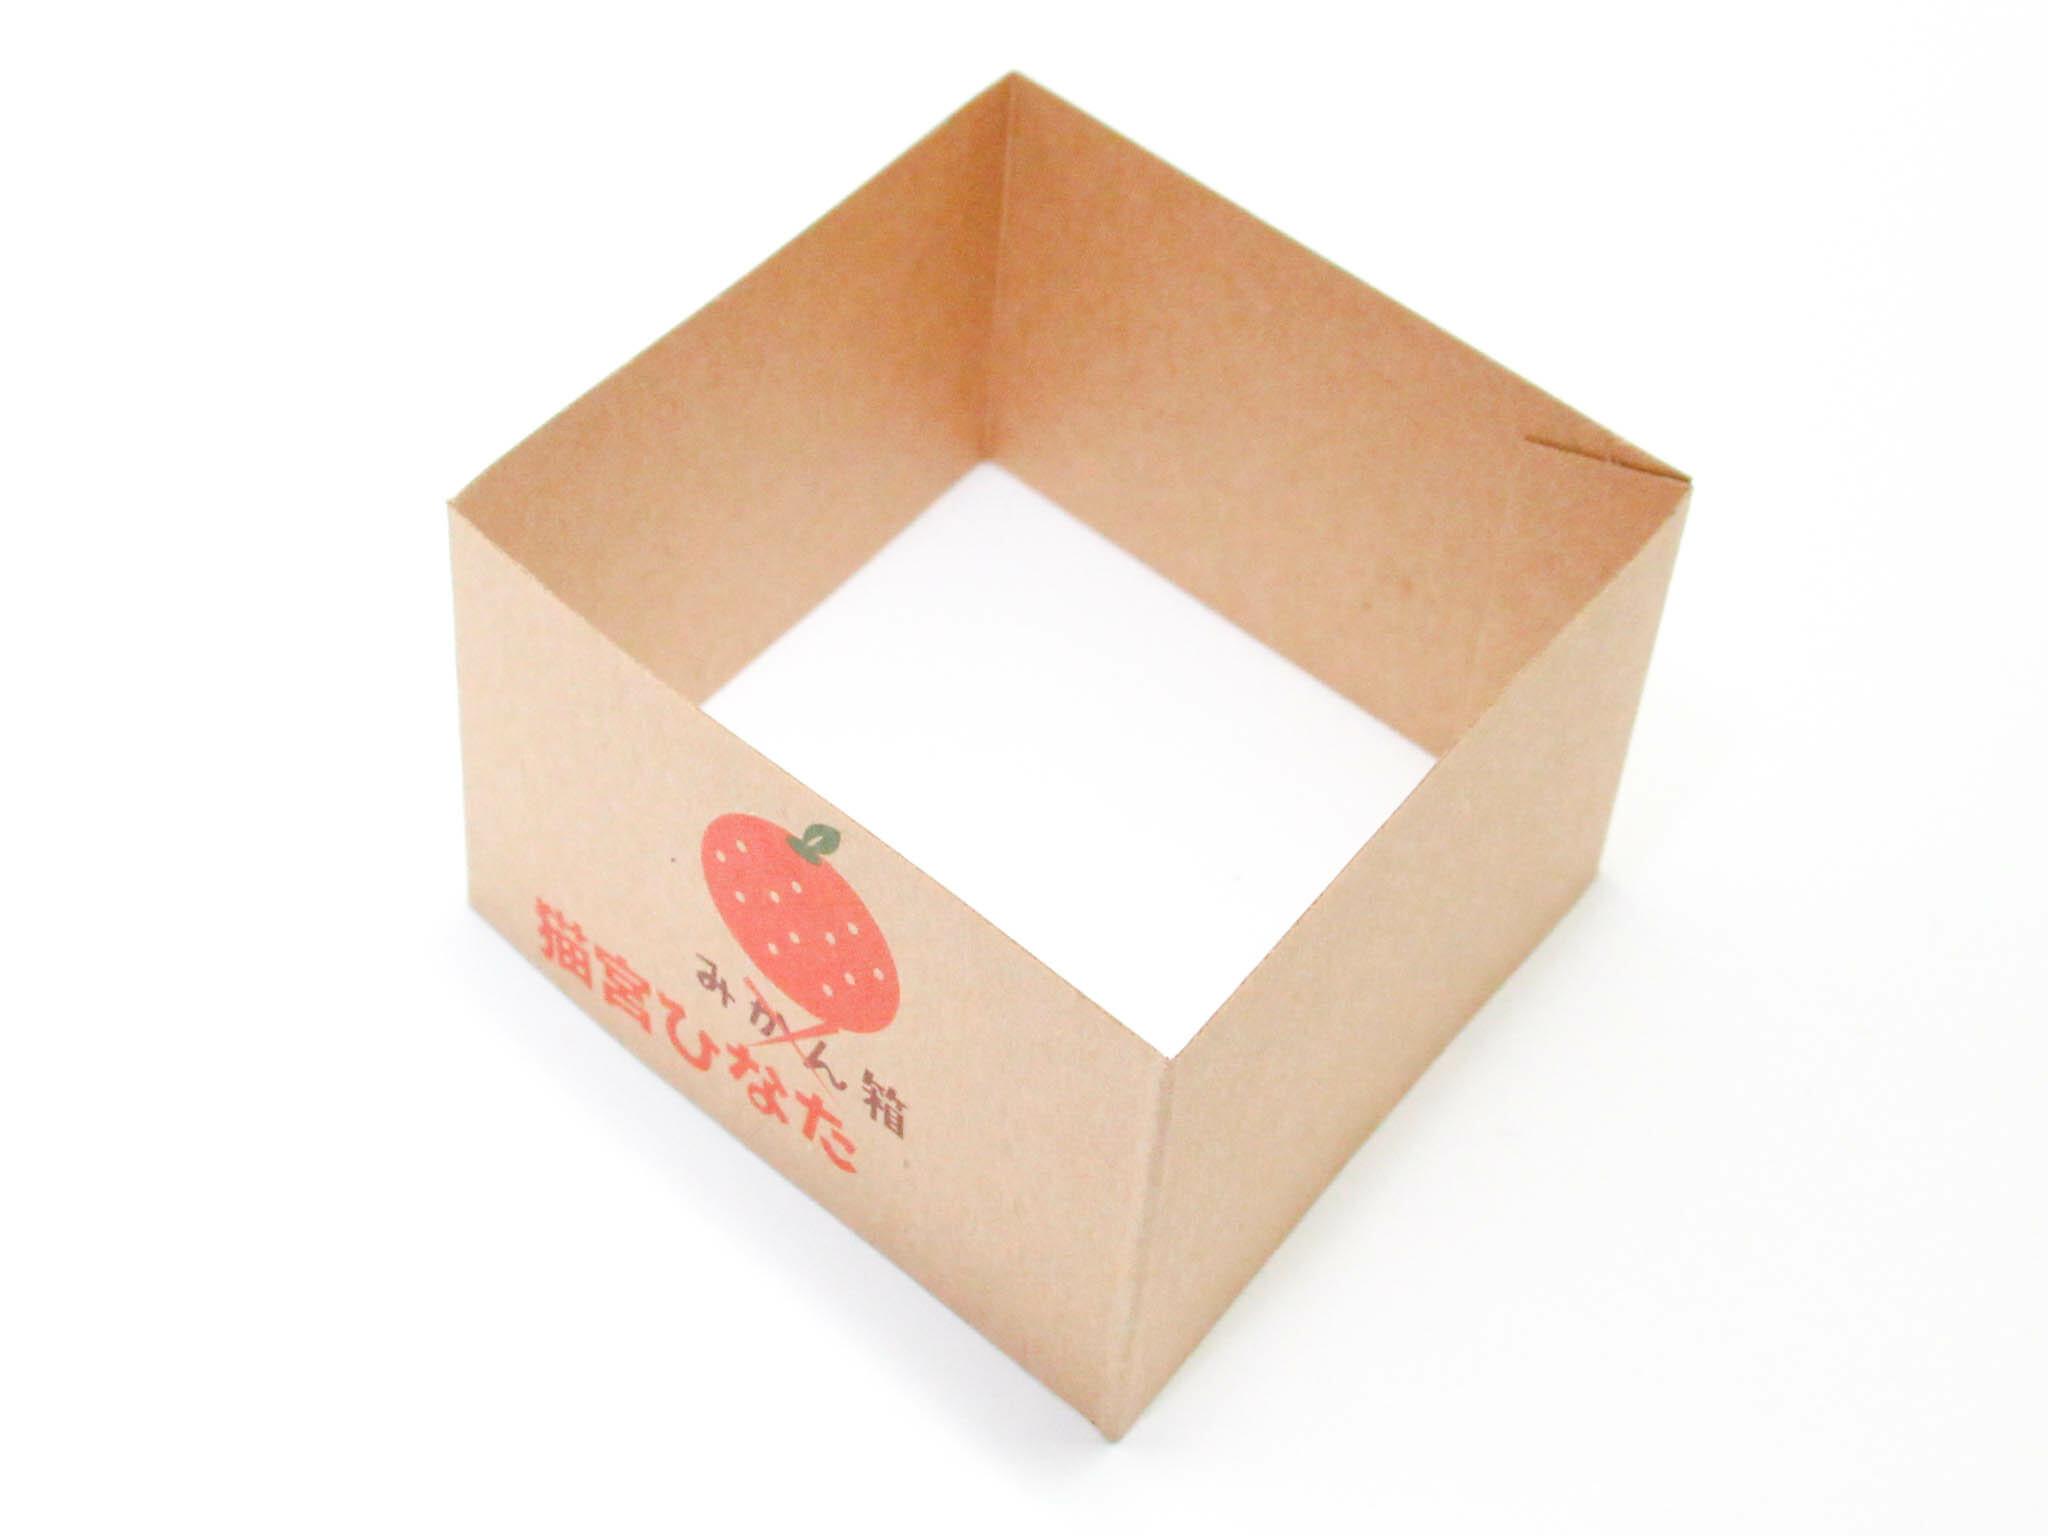 【1024】 猫宮ひなた 小物パーツ 箱 ねんどろいど